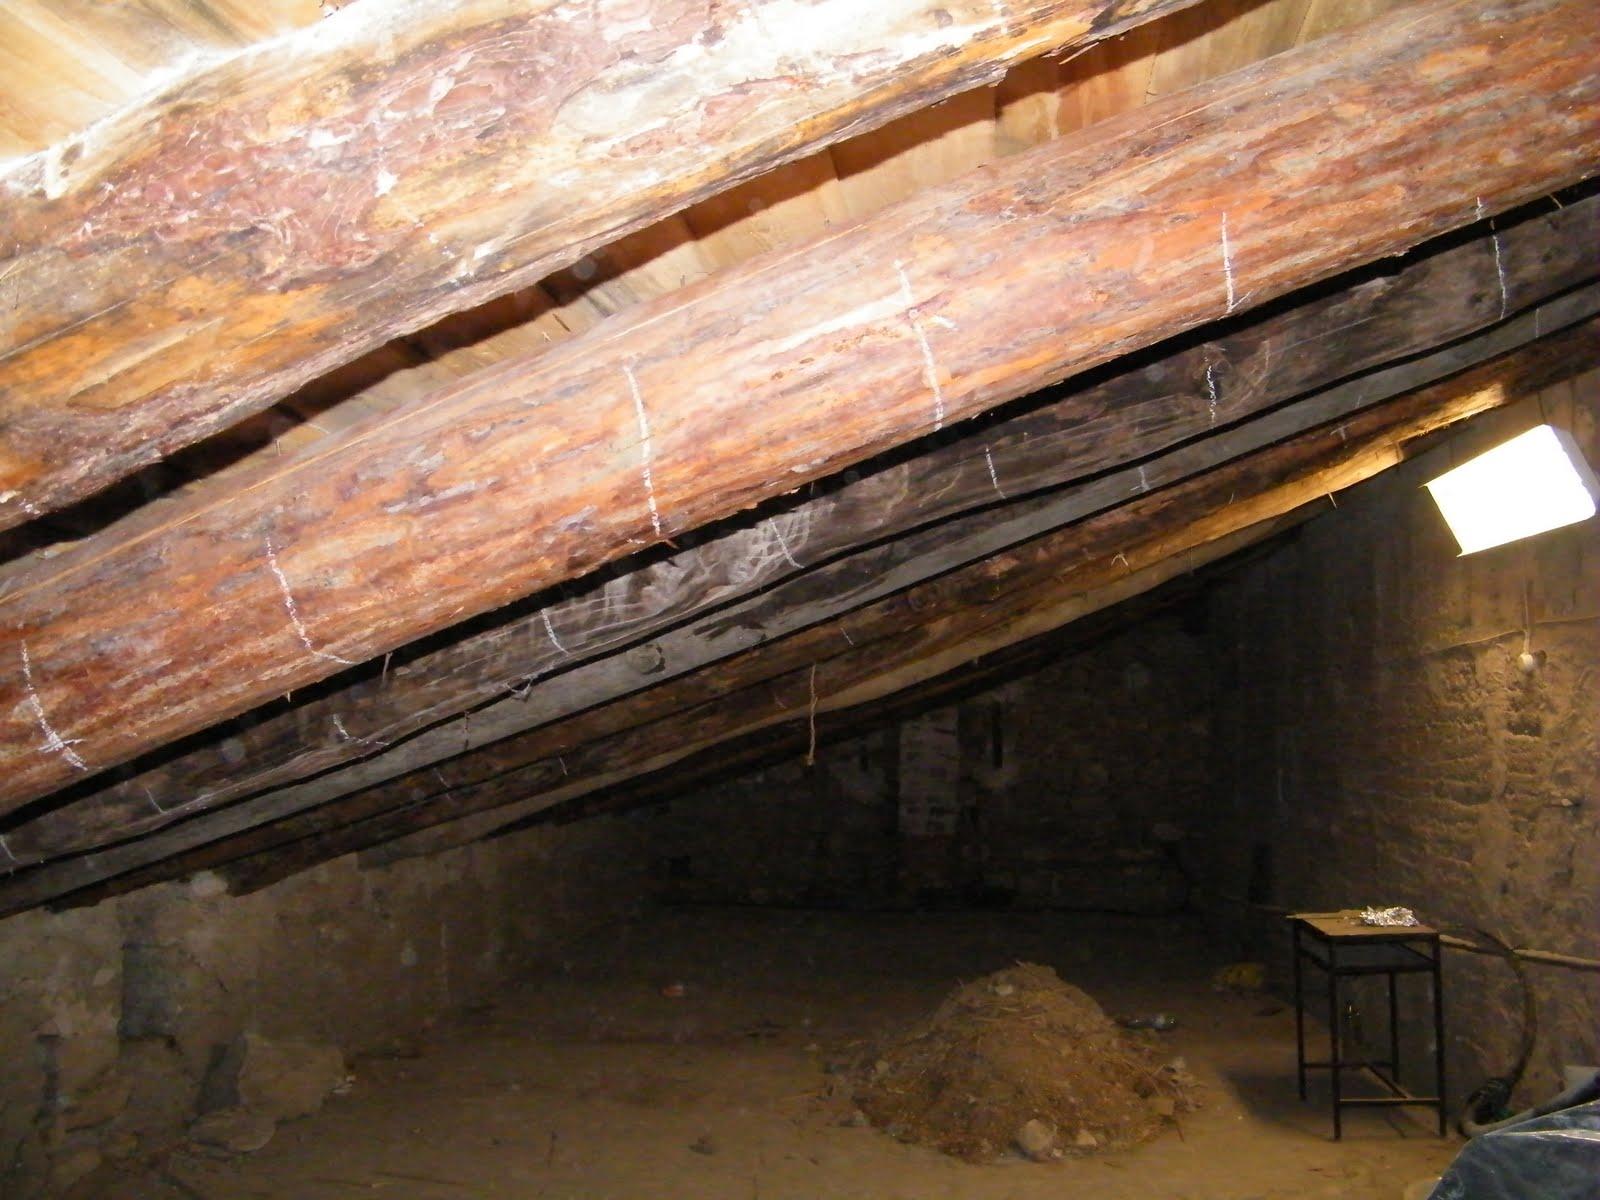 Chiquitilla del gavellar obras en el santuario del gavellar - Vigas de maderas ...